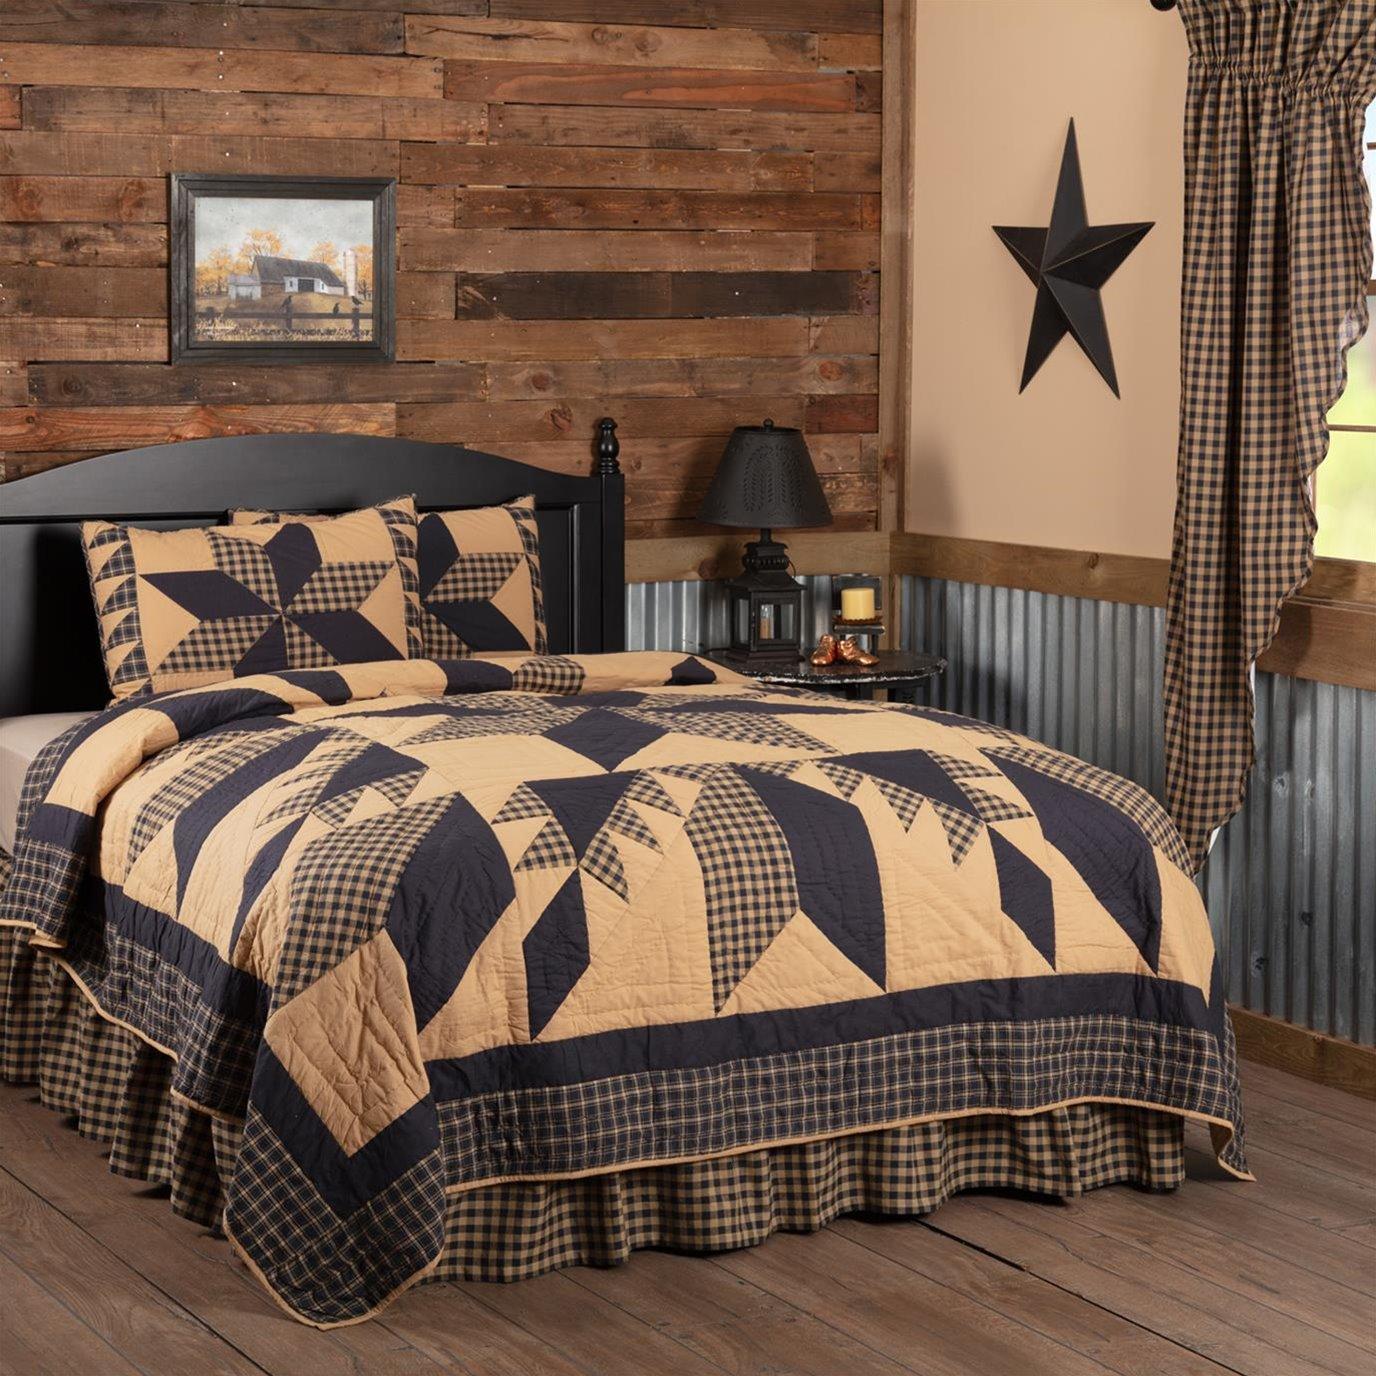 Dakota Star California King Quilt Set; 1-Quilt 130Wx115L w/2 Shams 21x37